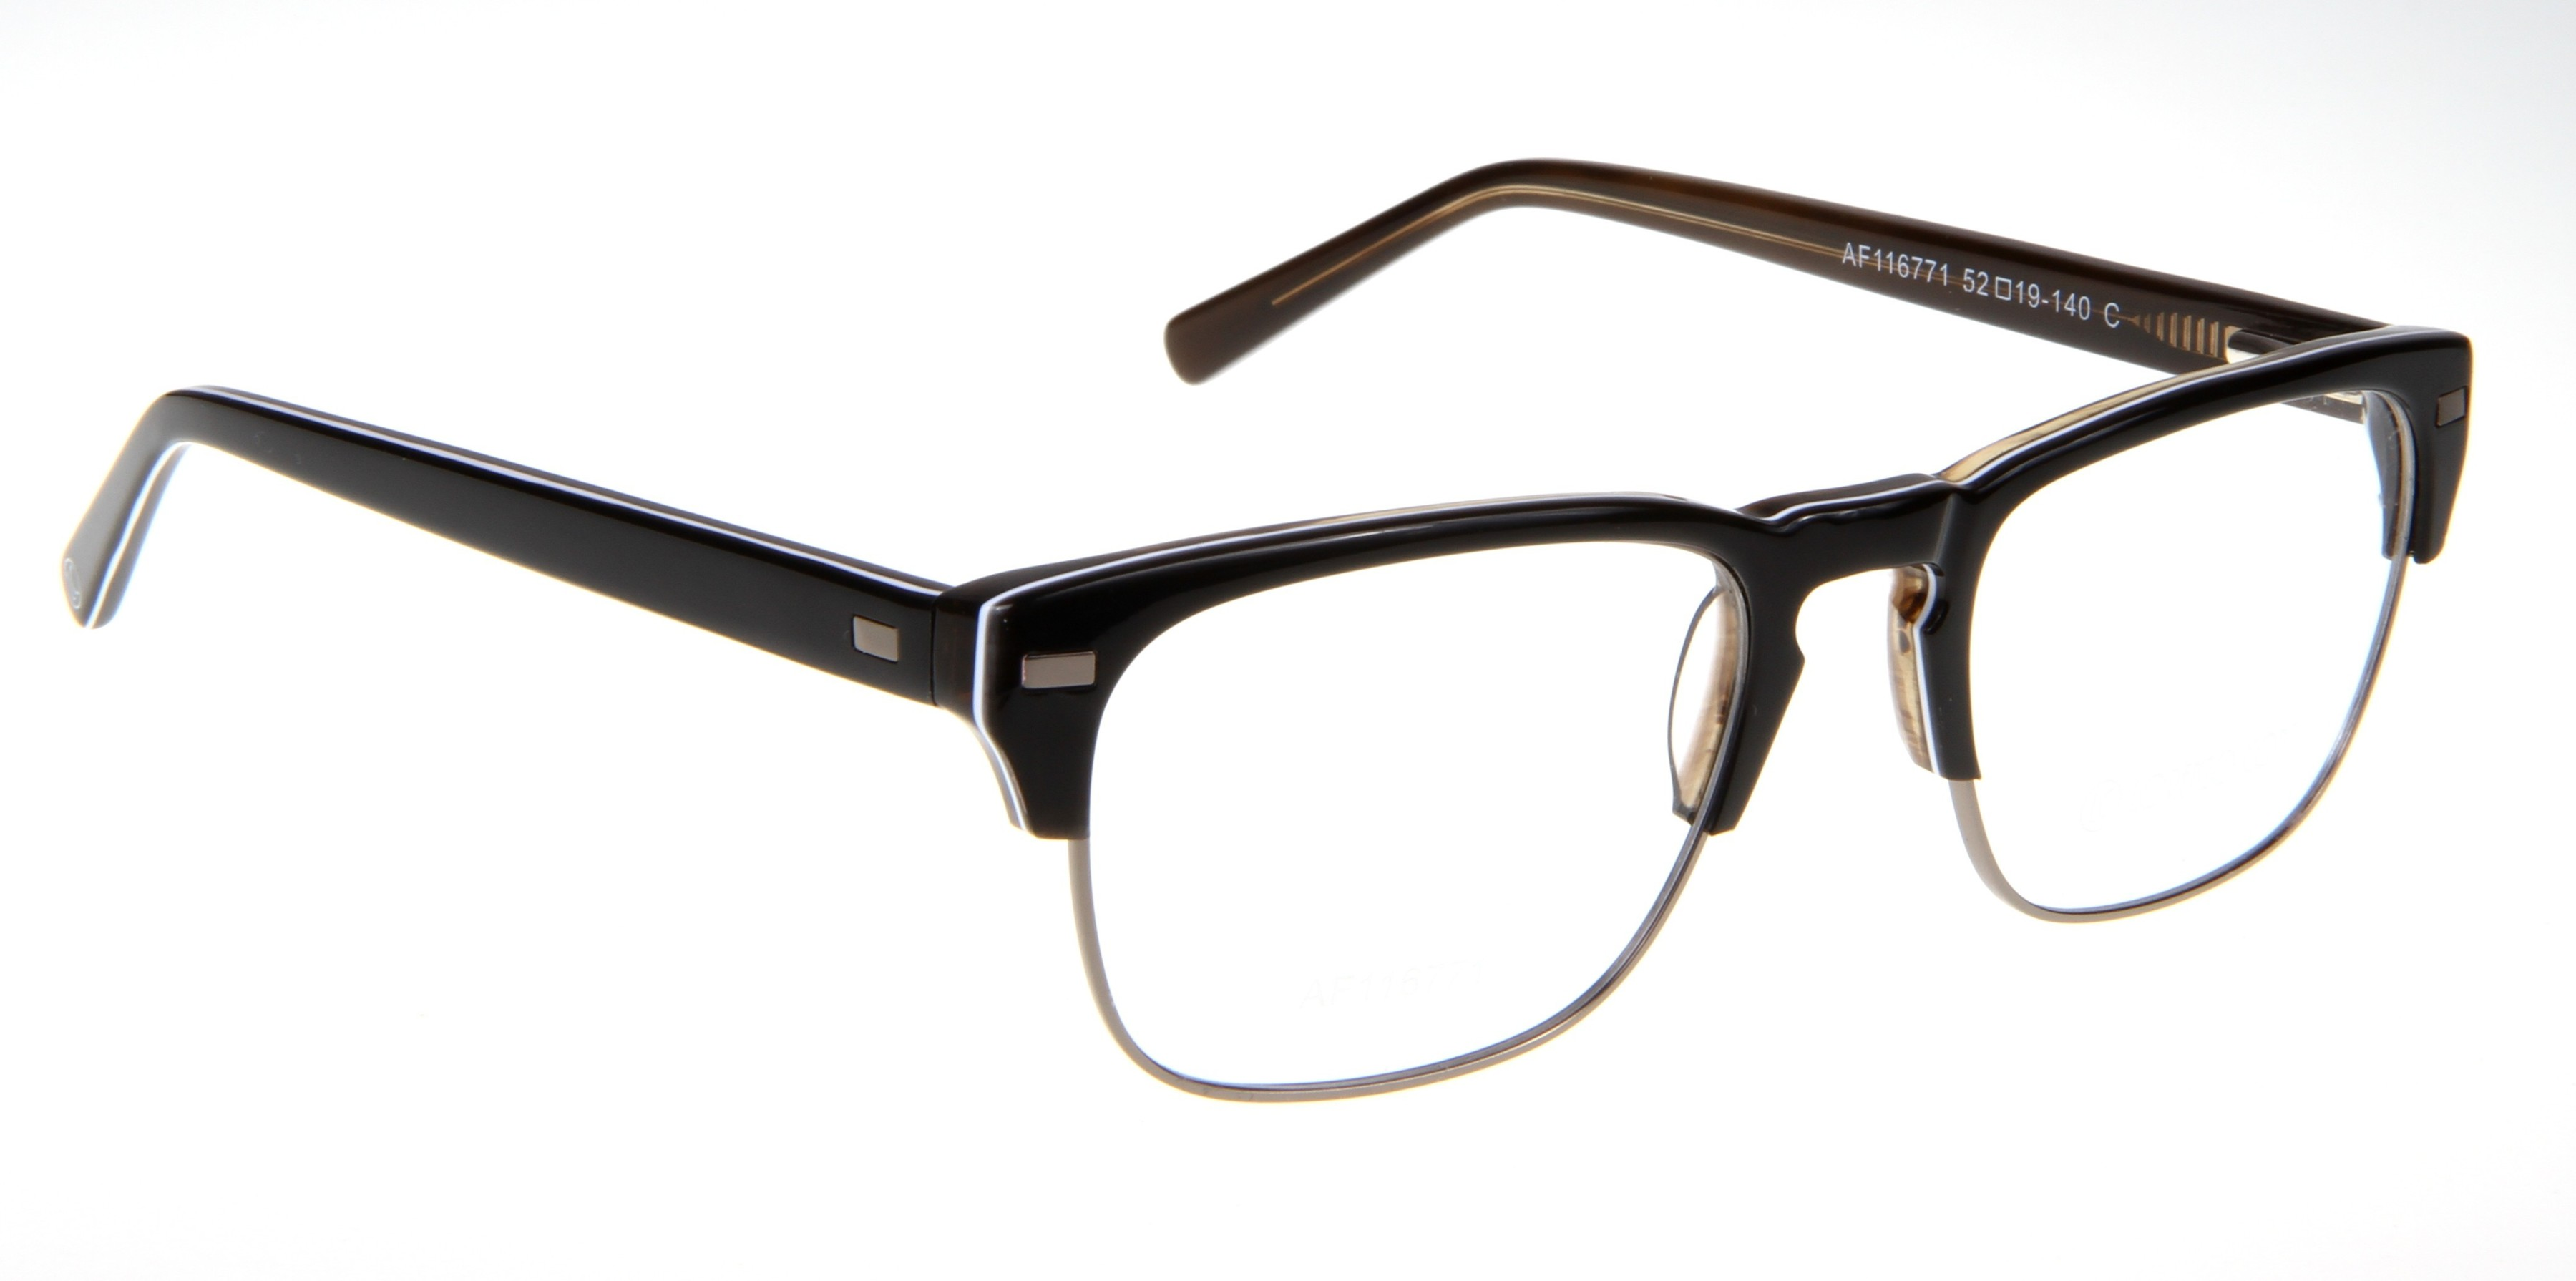 Oprawki okularowe Lorenzo AF116771 col. C czarny